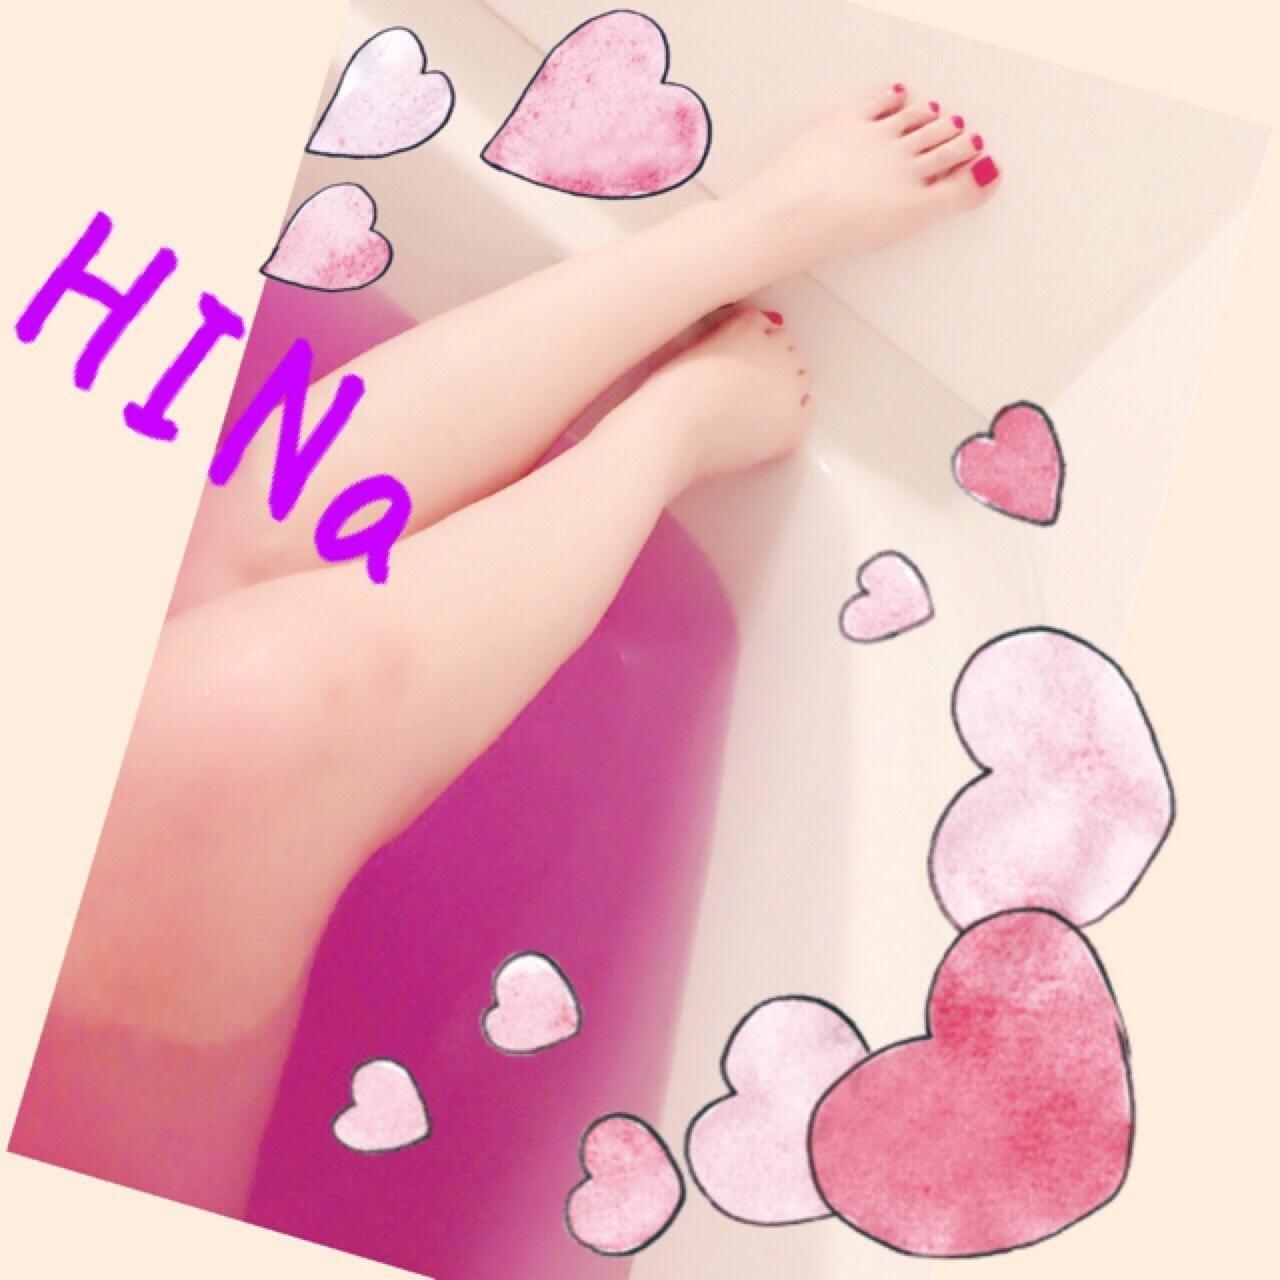 ひな「お部屋きれいさん( ∩︎´ω`*∩︎)」06/15(土) 19:35 | ひなの写メ・風俗動画